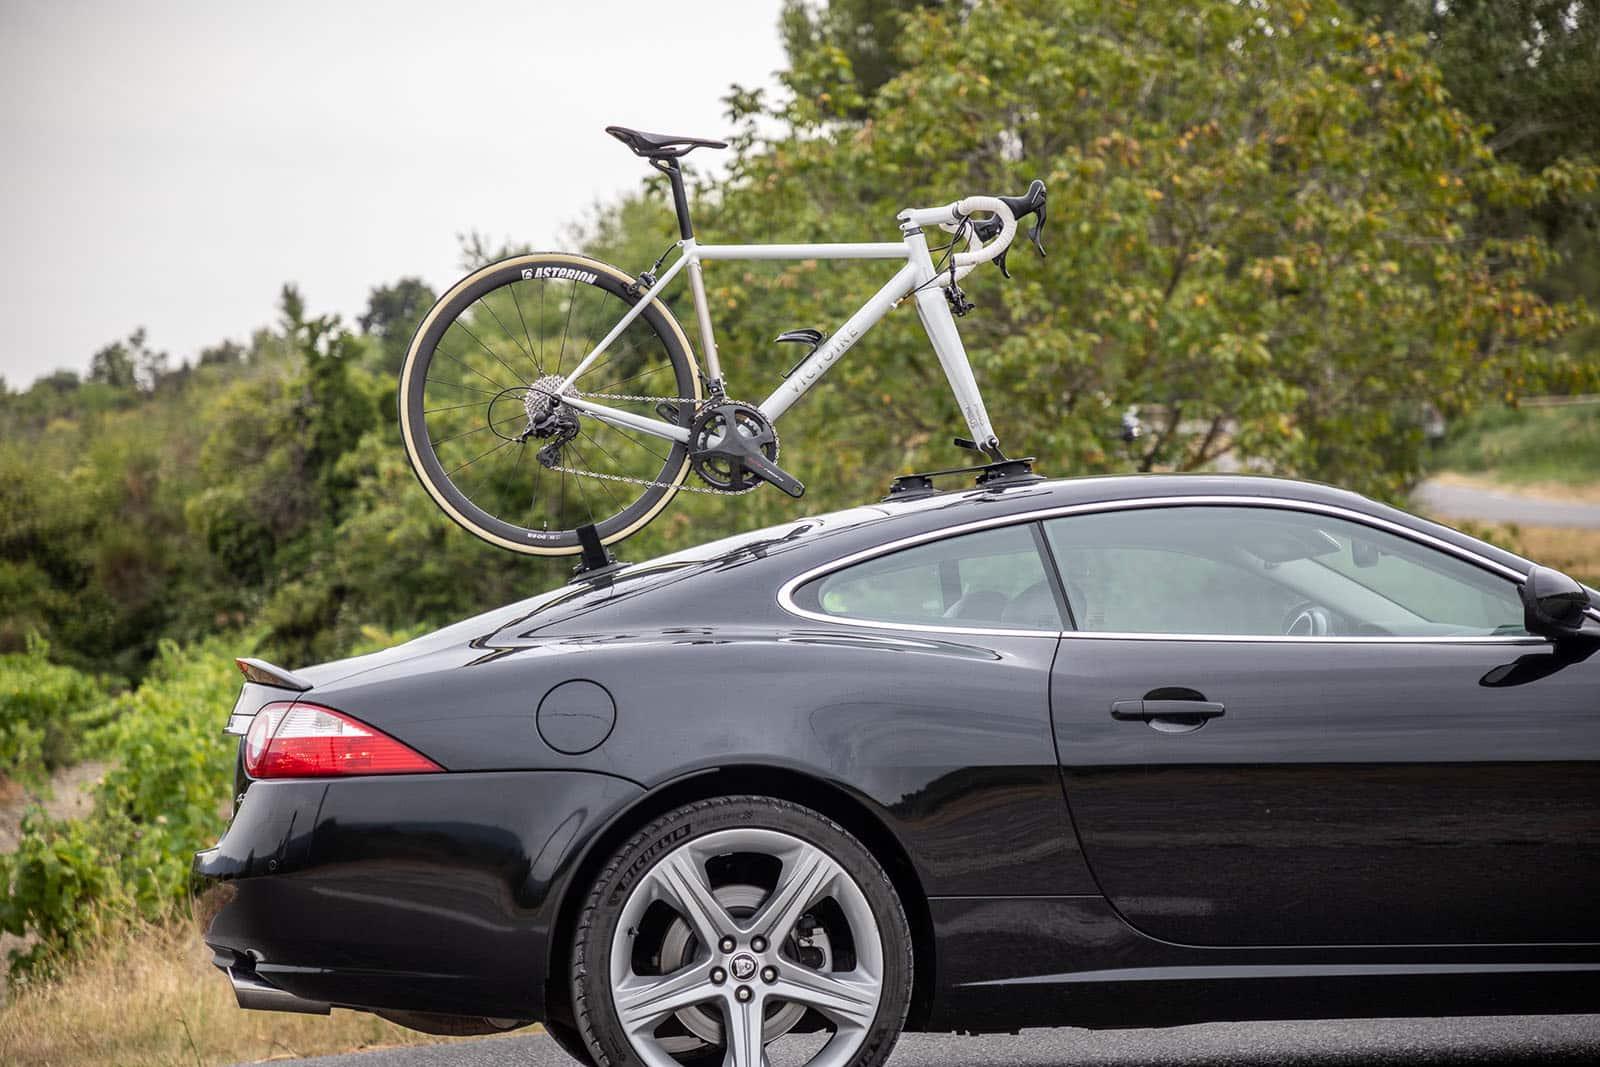 Porte-vélo Rassine  Porte-V%C3%A9lo-Rassine-4Q5A9926